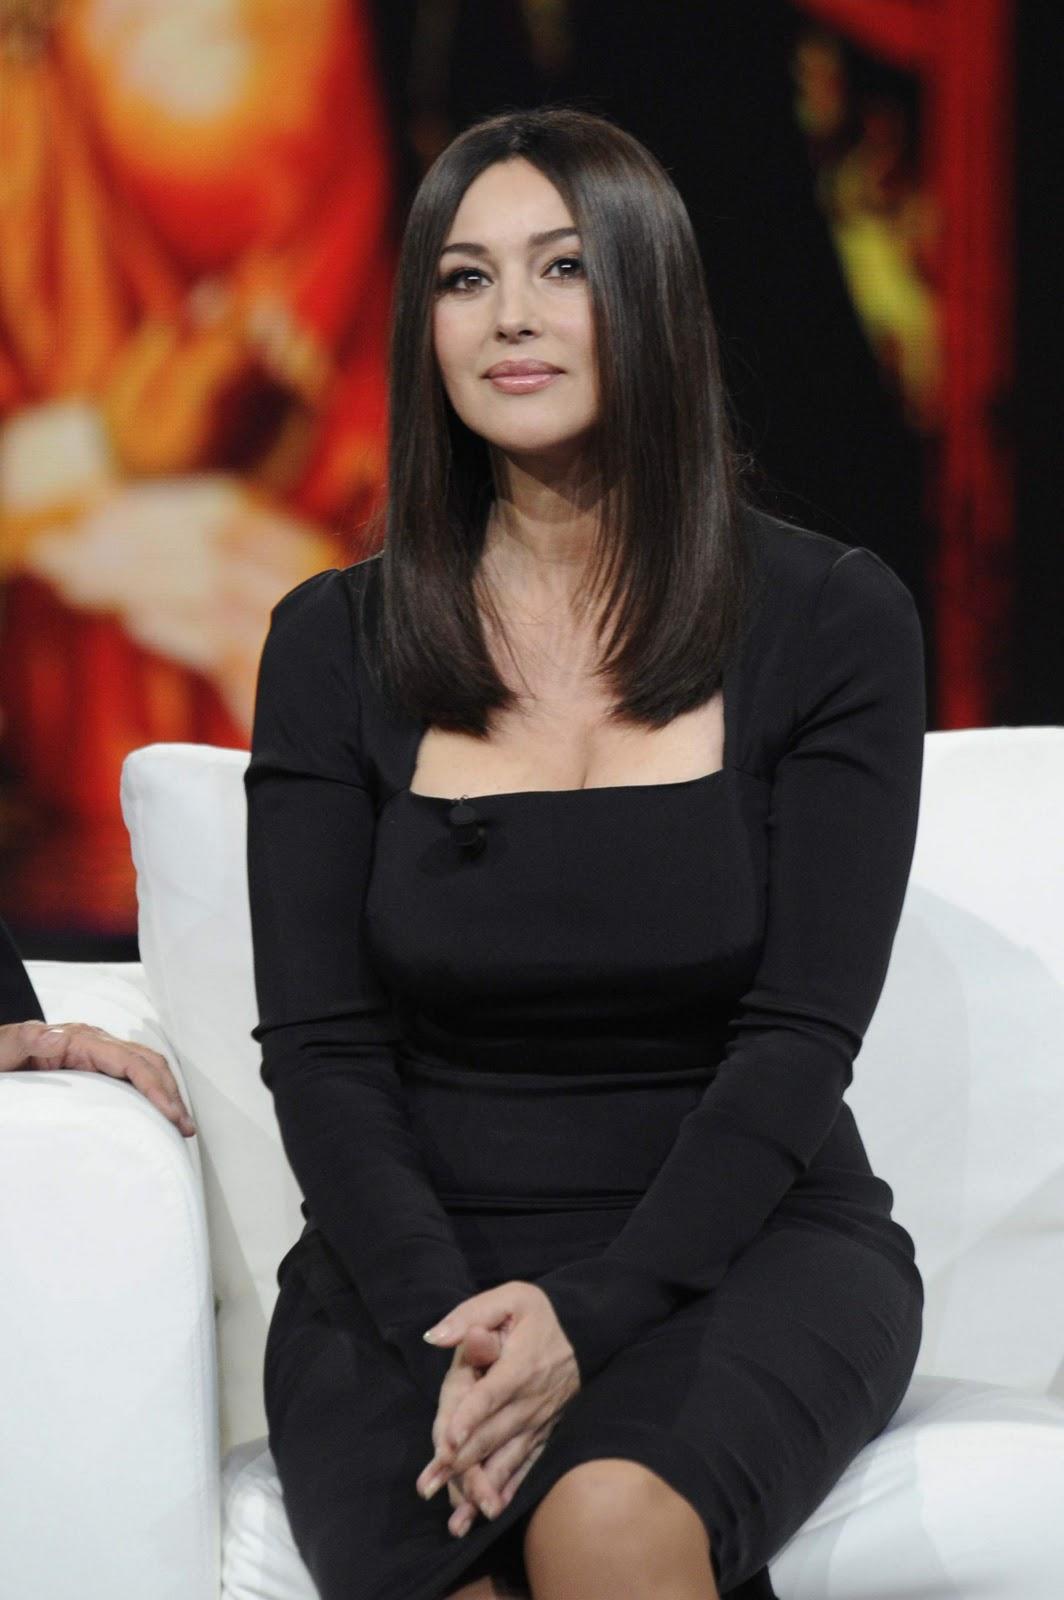 Monica Bellucci – Chiambretti Night TV Show in Milan Monica Bellucci